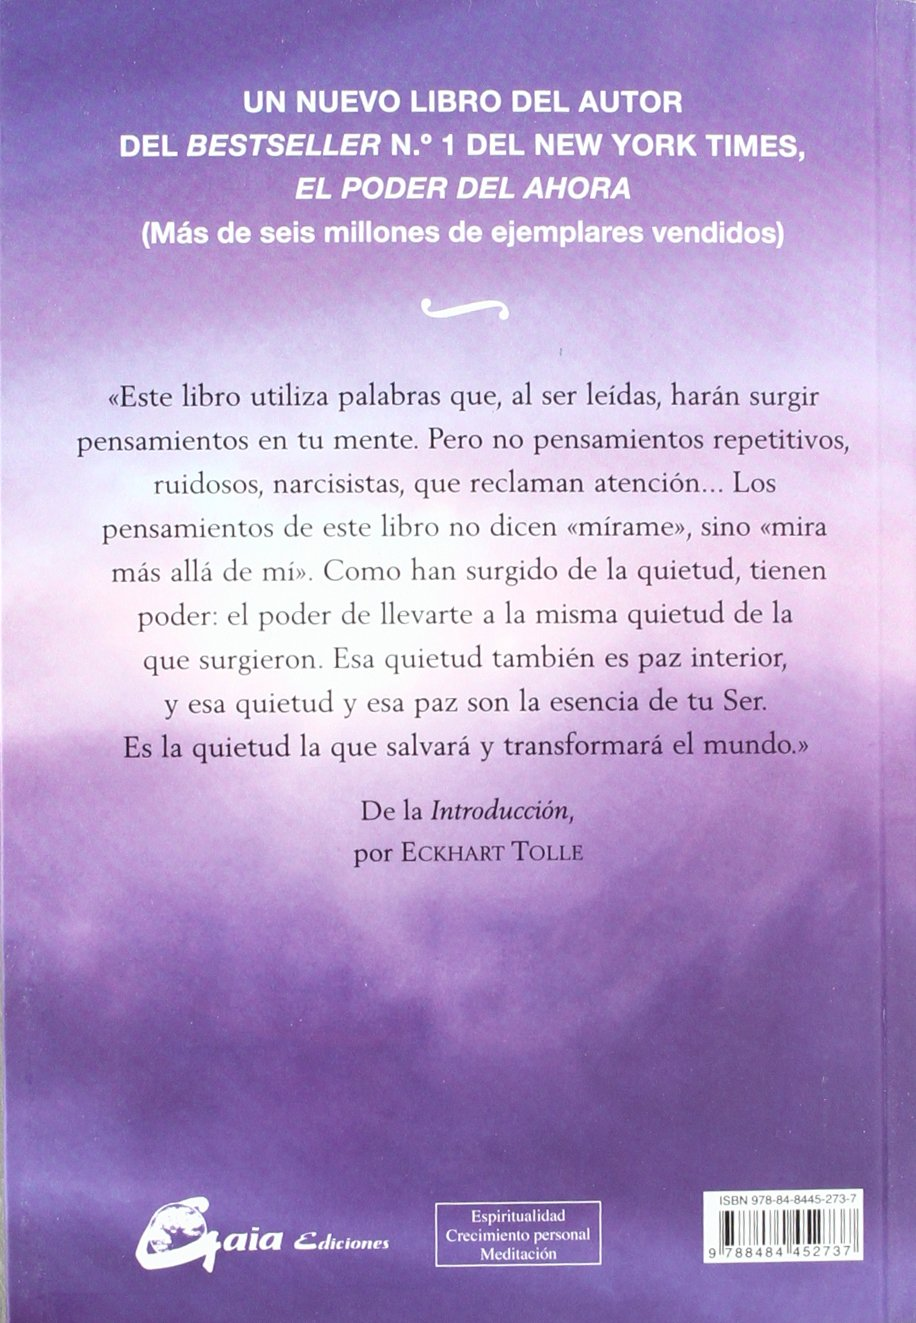 El Silencio Habla (Perenne): Amazon.es: Eckhart Tolle, Miguel Iribarren  Berrade: Libros